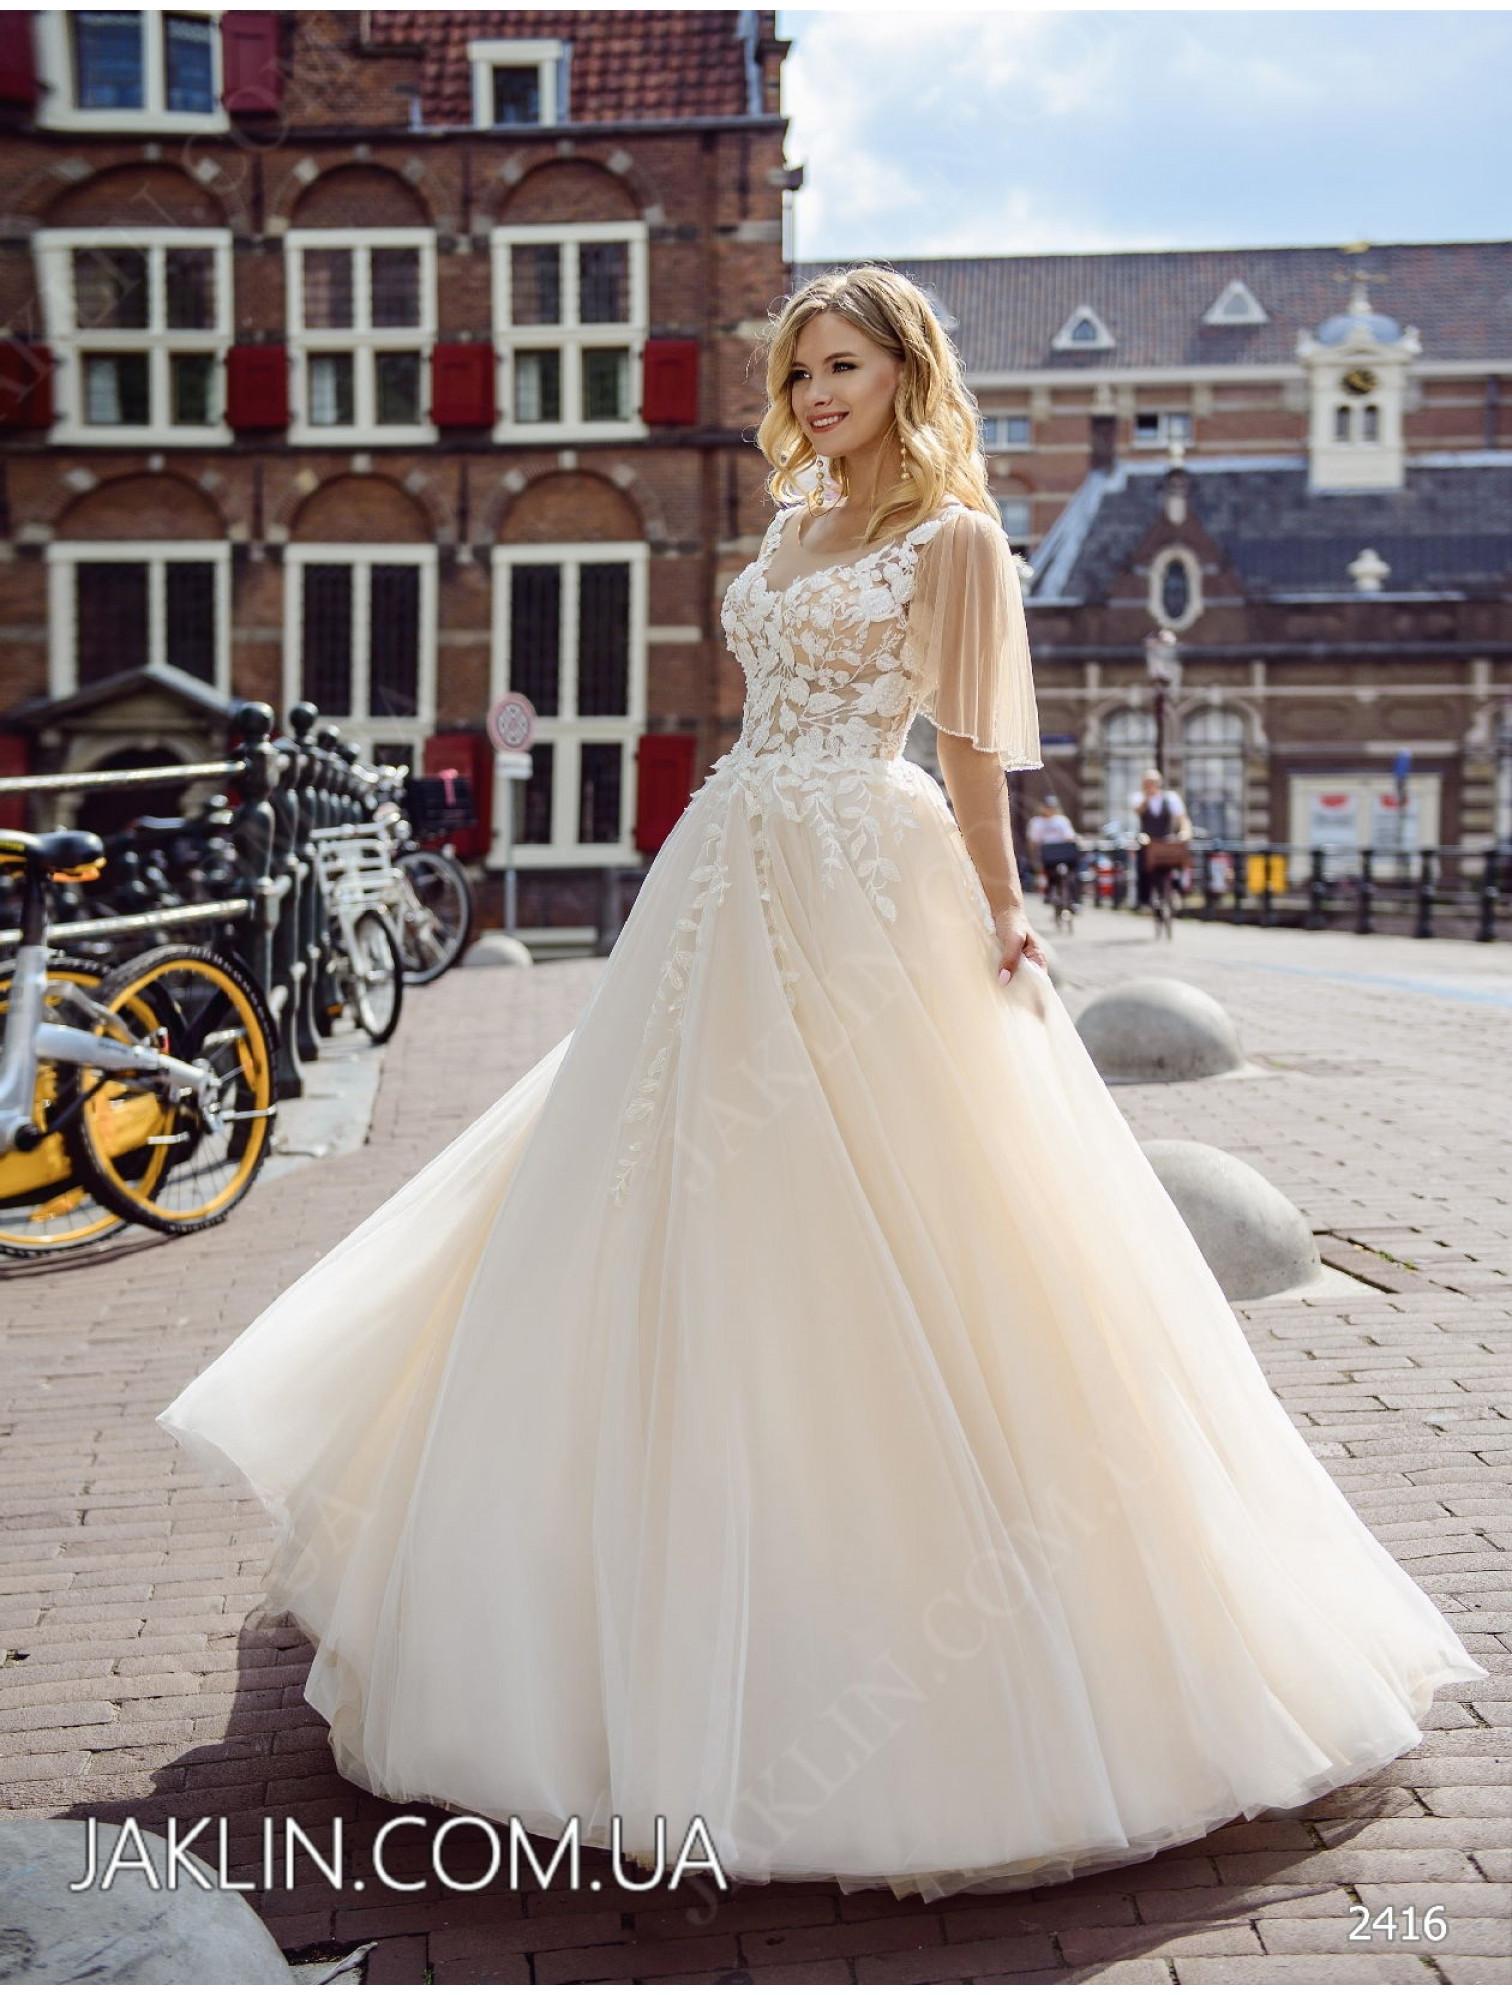 Весільна сукня 2416